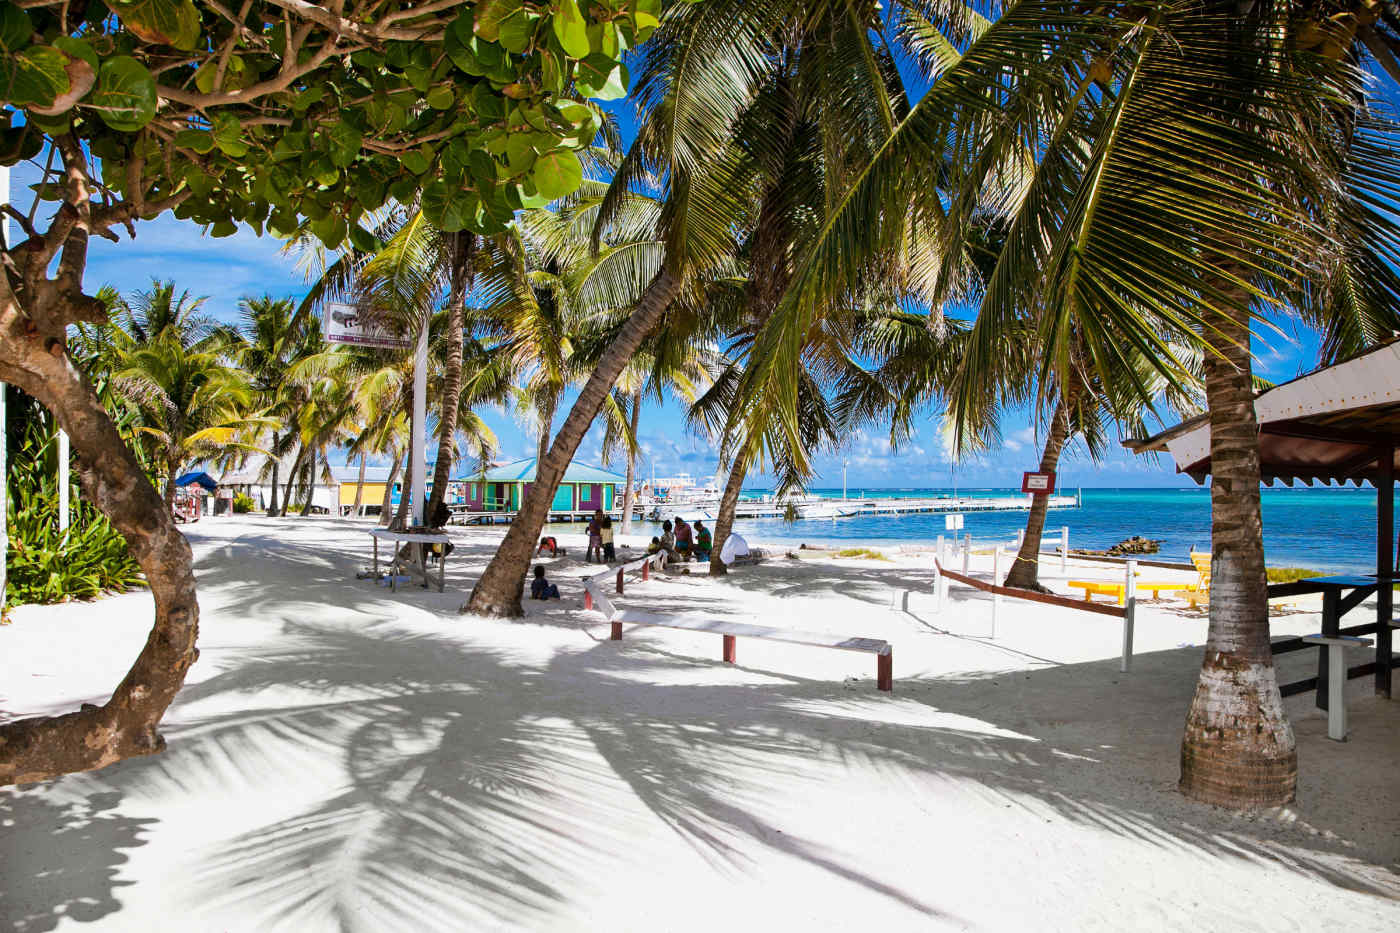 San Pedro, Belize